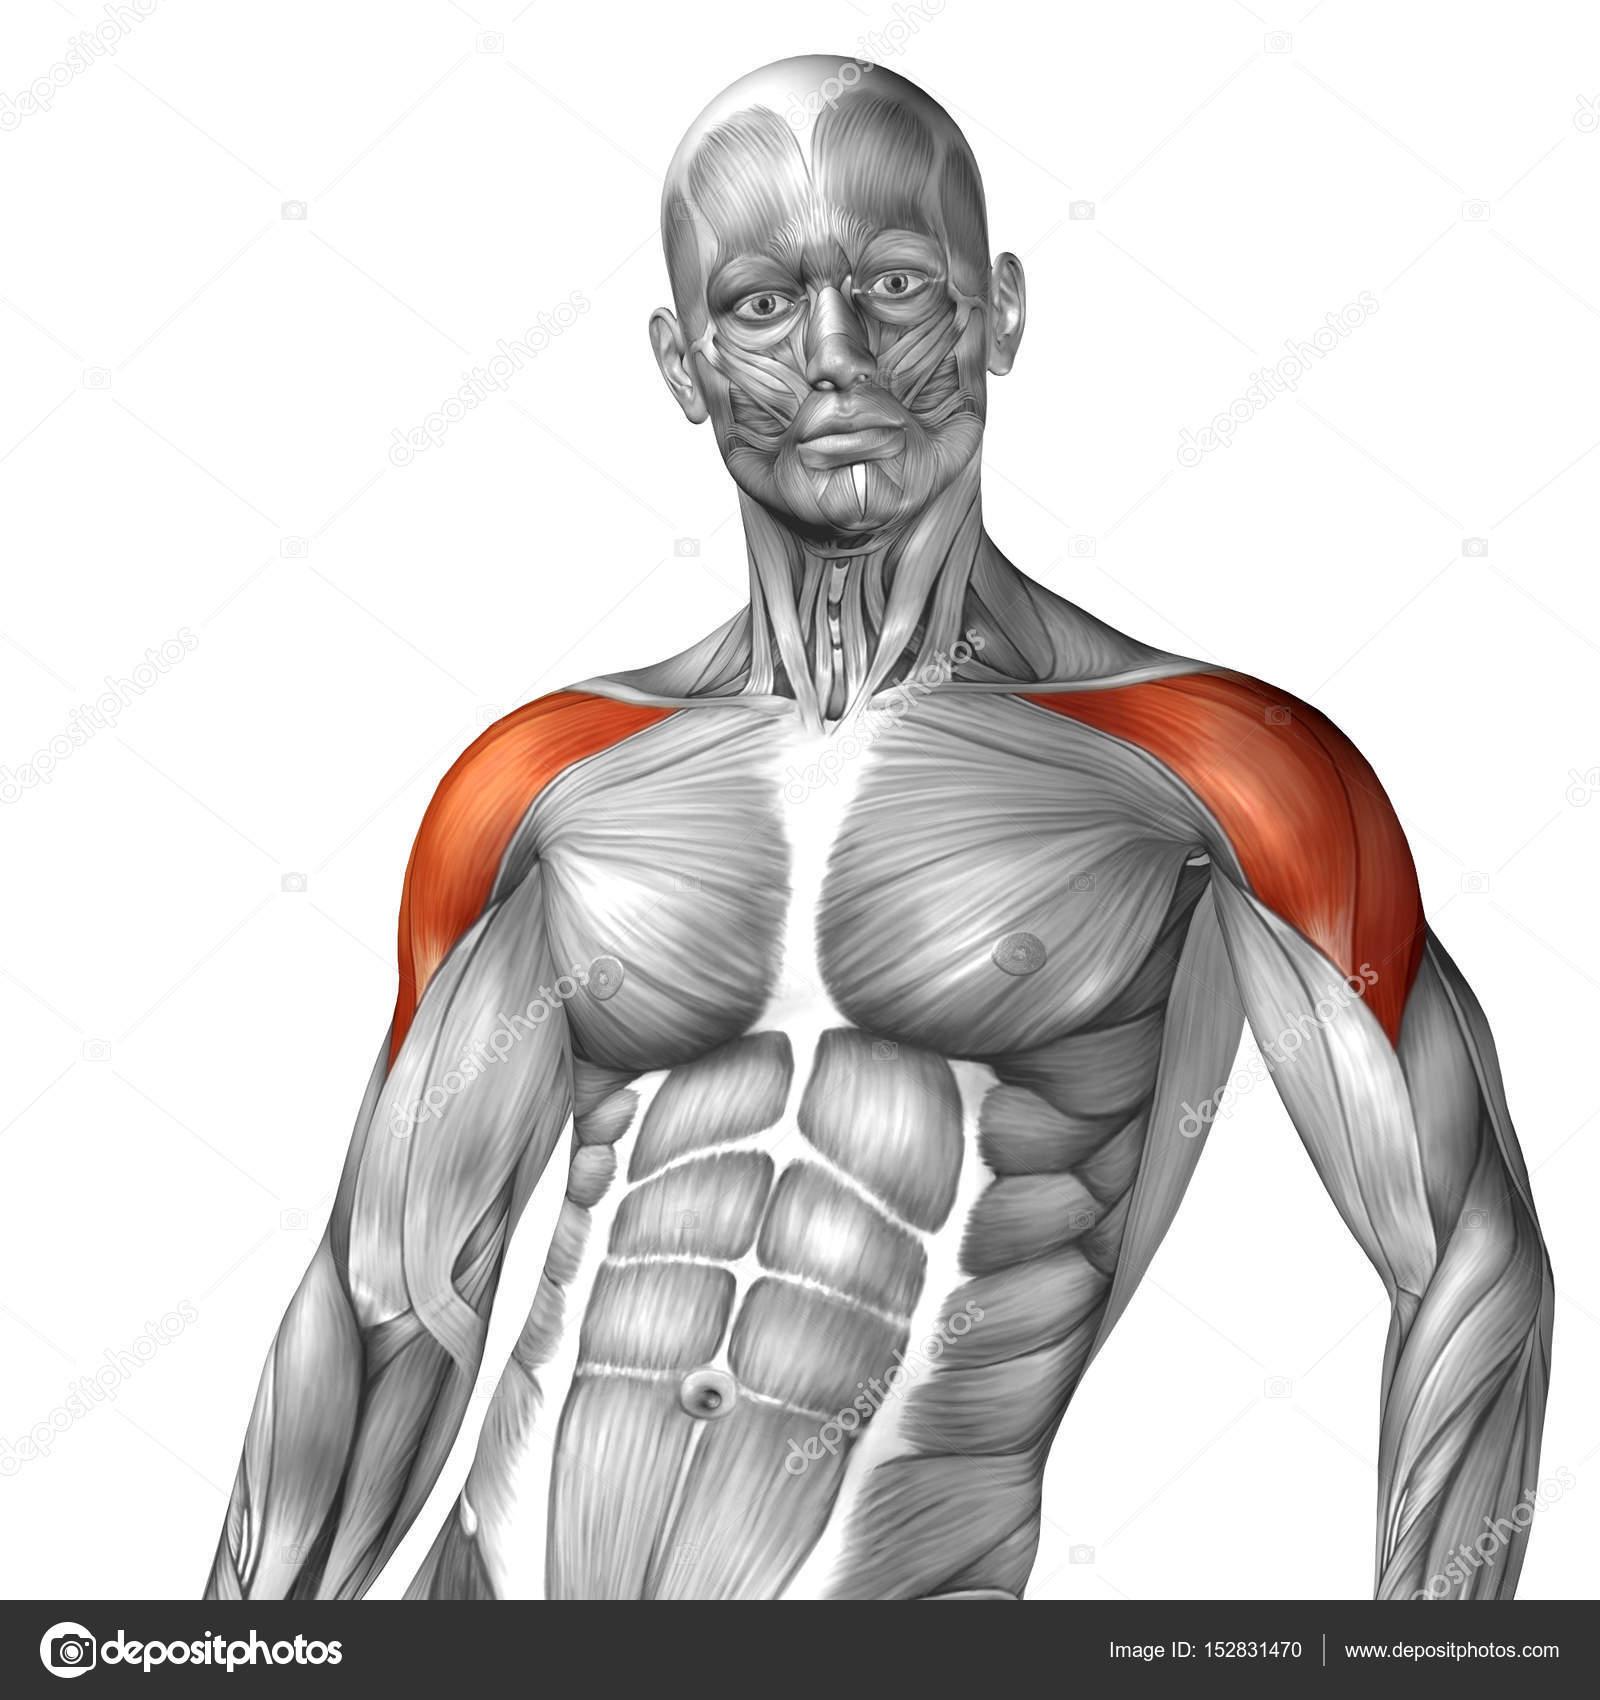 Anatomie der menschlichen Brust — Stockfoto © design36 #152831470